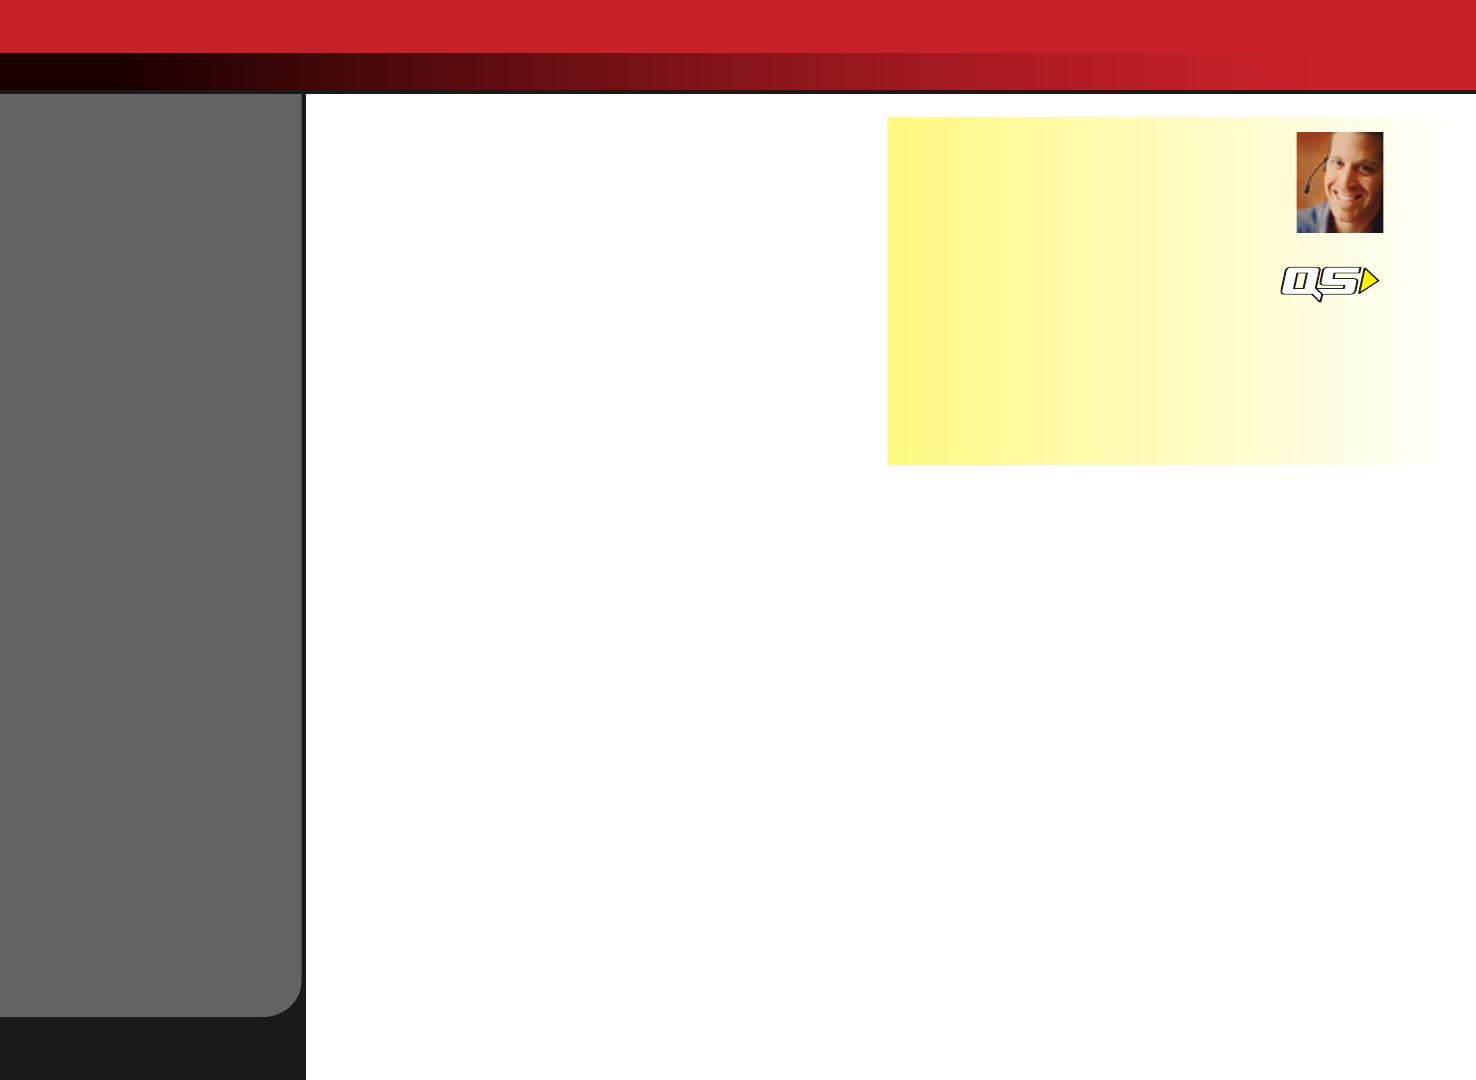 TRAXXAS T MAXX 1.5 3.3 EXHAUST PIPE NITRO PIPE 1.5